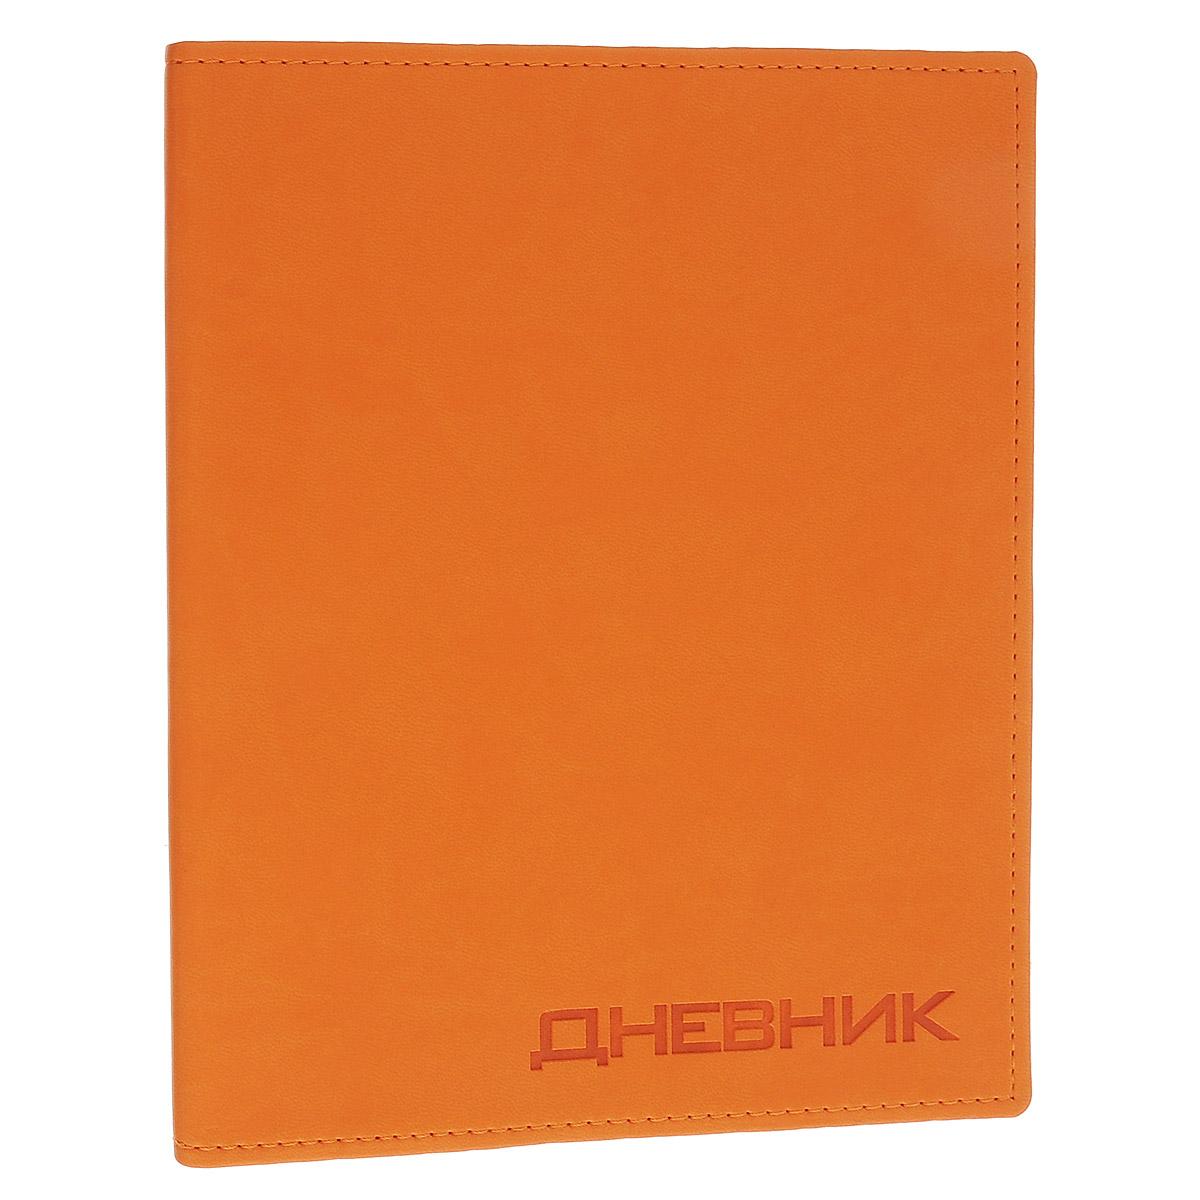 Дневник школьный Триумф Вивелла, цвет: оранжевый72523WDШкольный дневник Триумф Вивелла - первый ежедневник вашего ребенка. Он поможет ему не забыть свои задания, а вы всегда сможете проконтролировать его успеваемость.Гибкая, высокопрочная интегральная обложка с закругленными углами прошита по периметру. Надпись нанесена путем вдавленного термотиснения и темнее основного цвета обложки, крепление сшитое. На разворотах под обложкой дневник дополнен политической и физической картой России. Внутренний блок выполнен из качественной бумаги кремового цвета с четкой линовкой темно-серого цвета. В структуру дневника входят все необходимые разделы: информация о школе и педагогах, расписание занятий и факультативов по четвертям. На последней странице для итоговых оценок незаполненные графы изучаемых предметов.